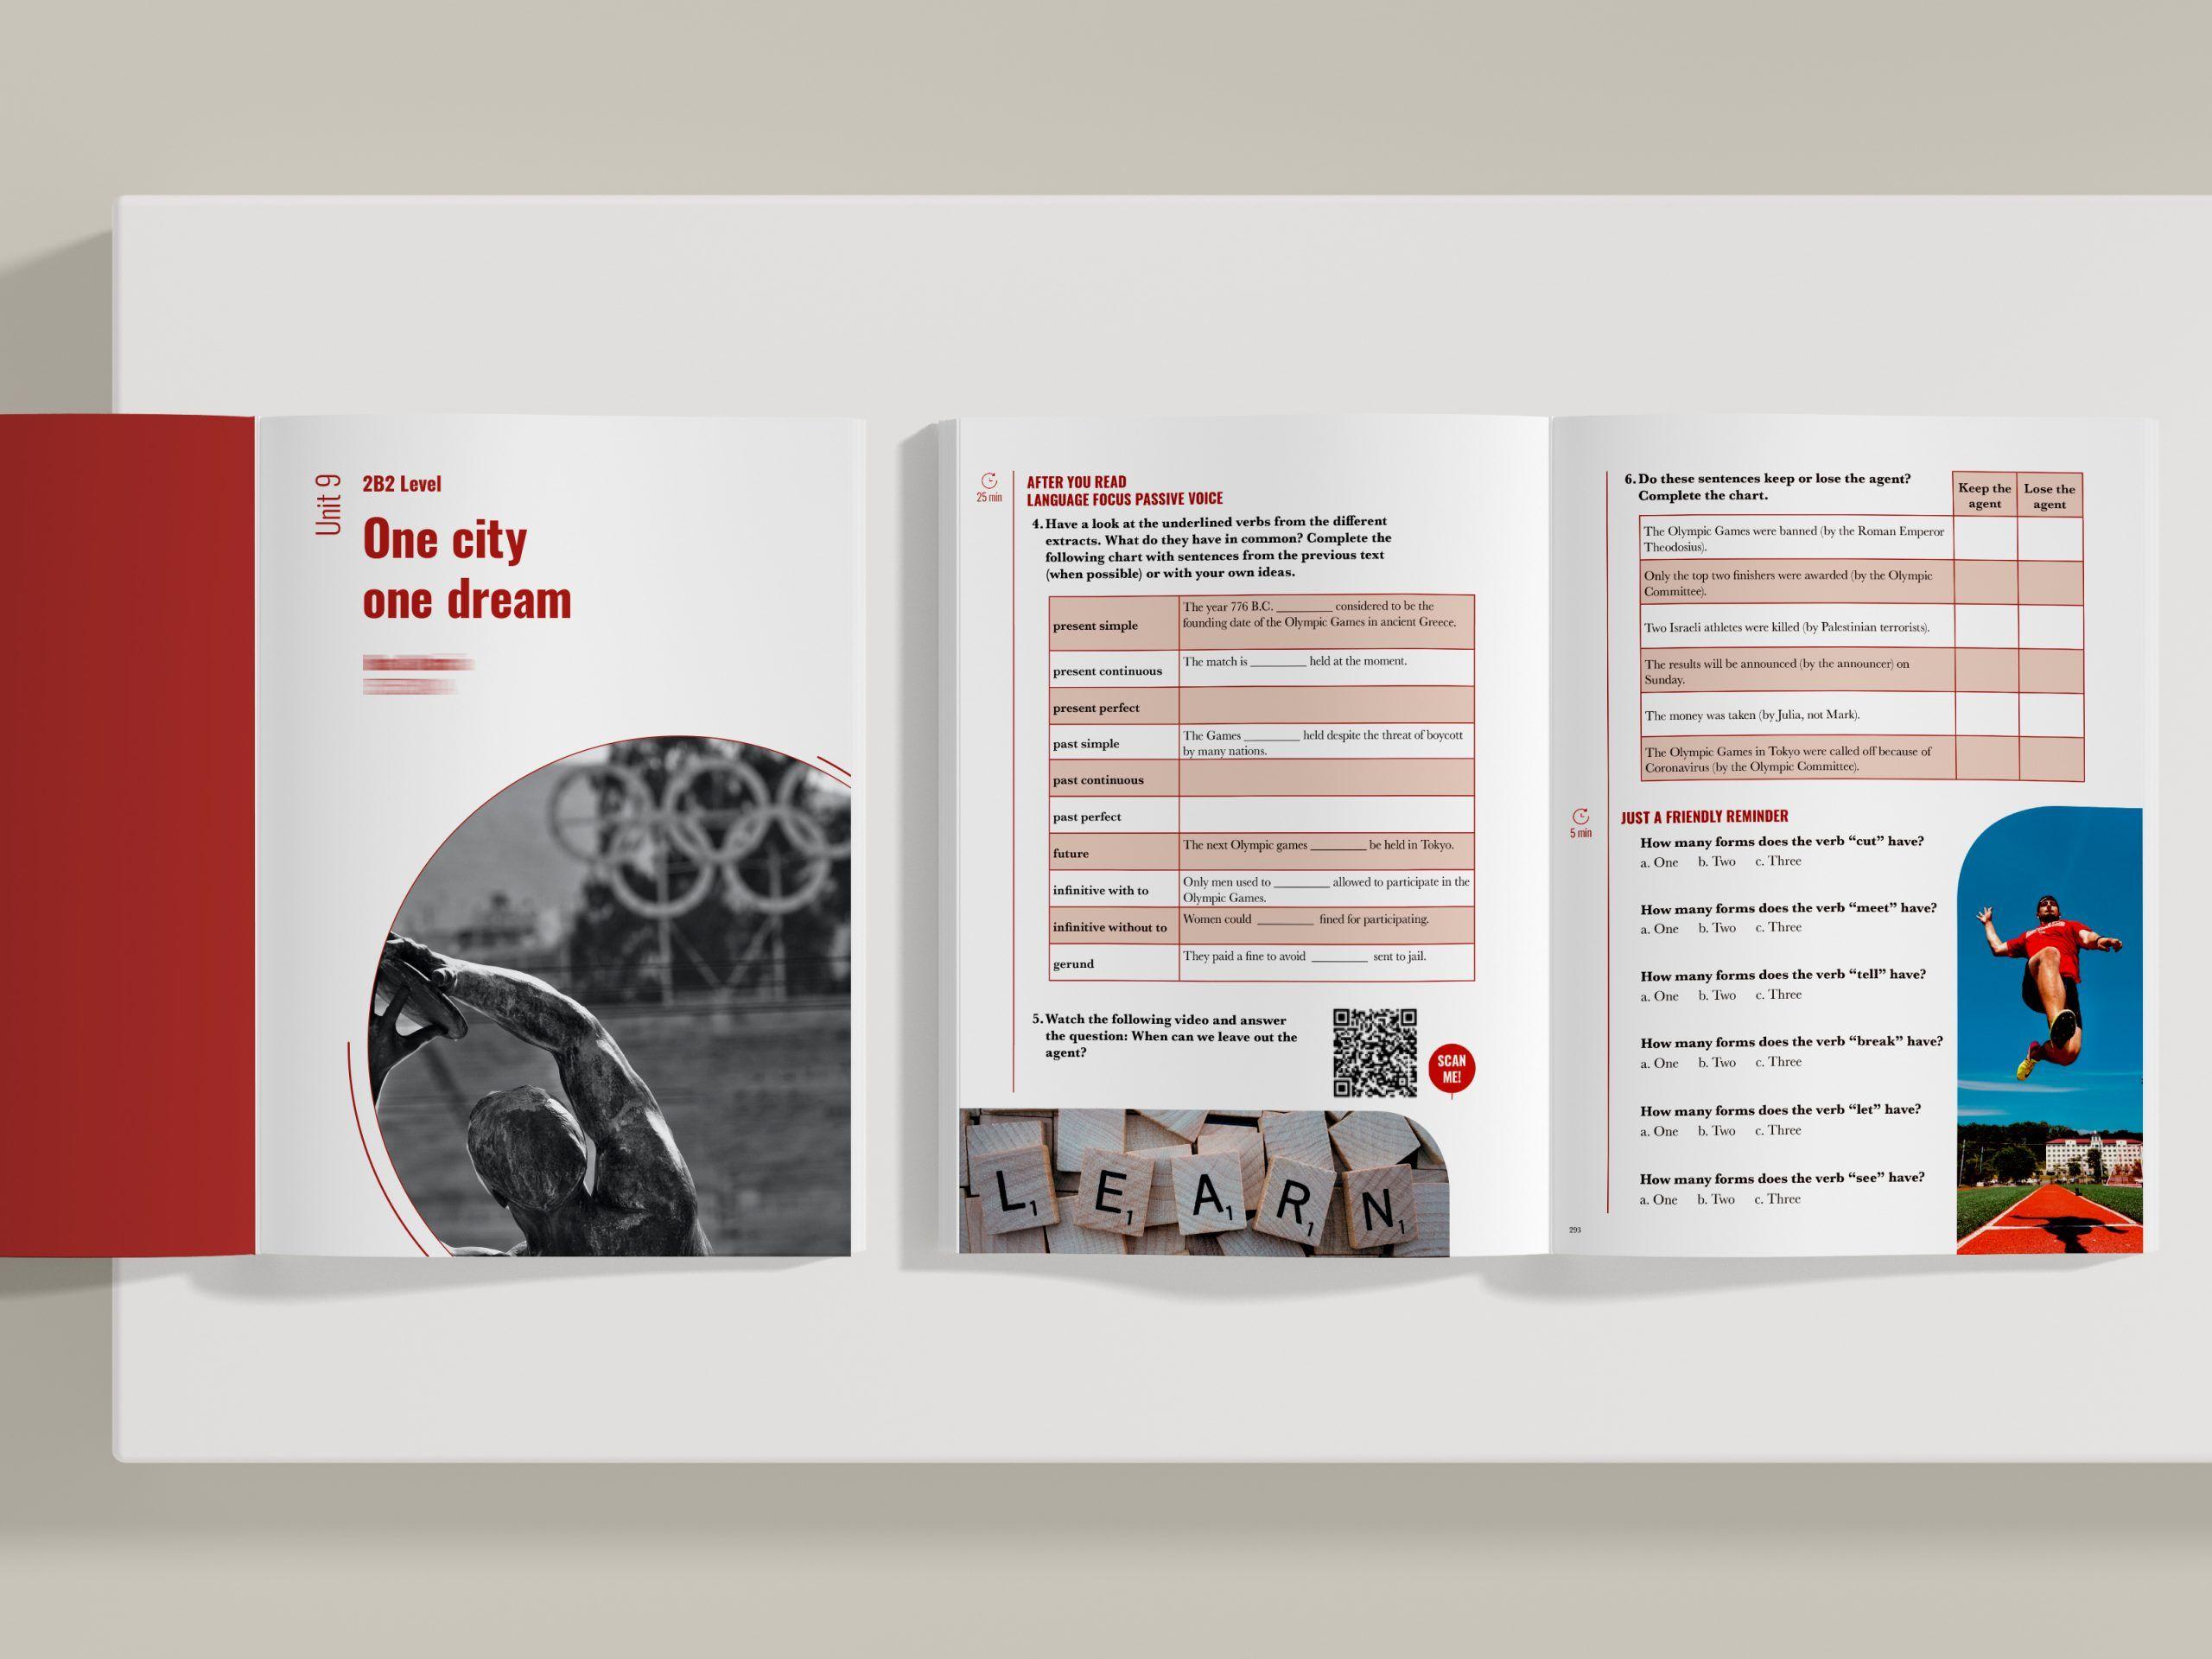 EL ESTUDIO VERDE, DISEÑO GRÁFICO EN TOLEDO, DISEÑO GRÁFICO, DISEÑO WEB, DISEÑO DE LOGOTIPOS, DISEÑO DE TIENDAS ONLINE, branding, identidad de marca, madrid, diseño editorial, diseño para editoriales, diseño de libros, diseño de portadas, diseño de cubiertas, maquetación, maquetación de libros,